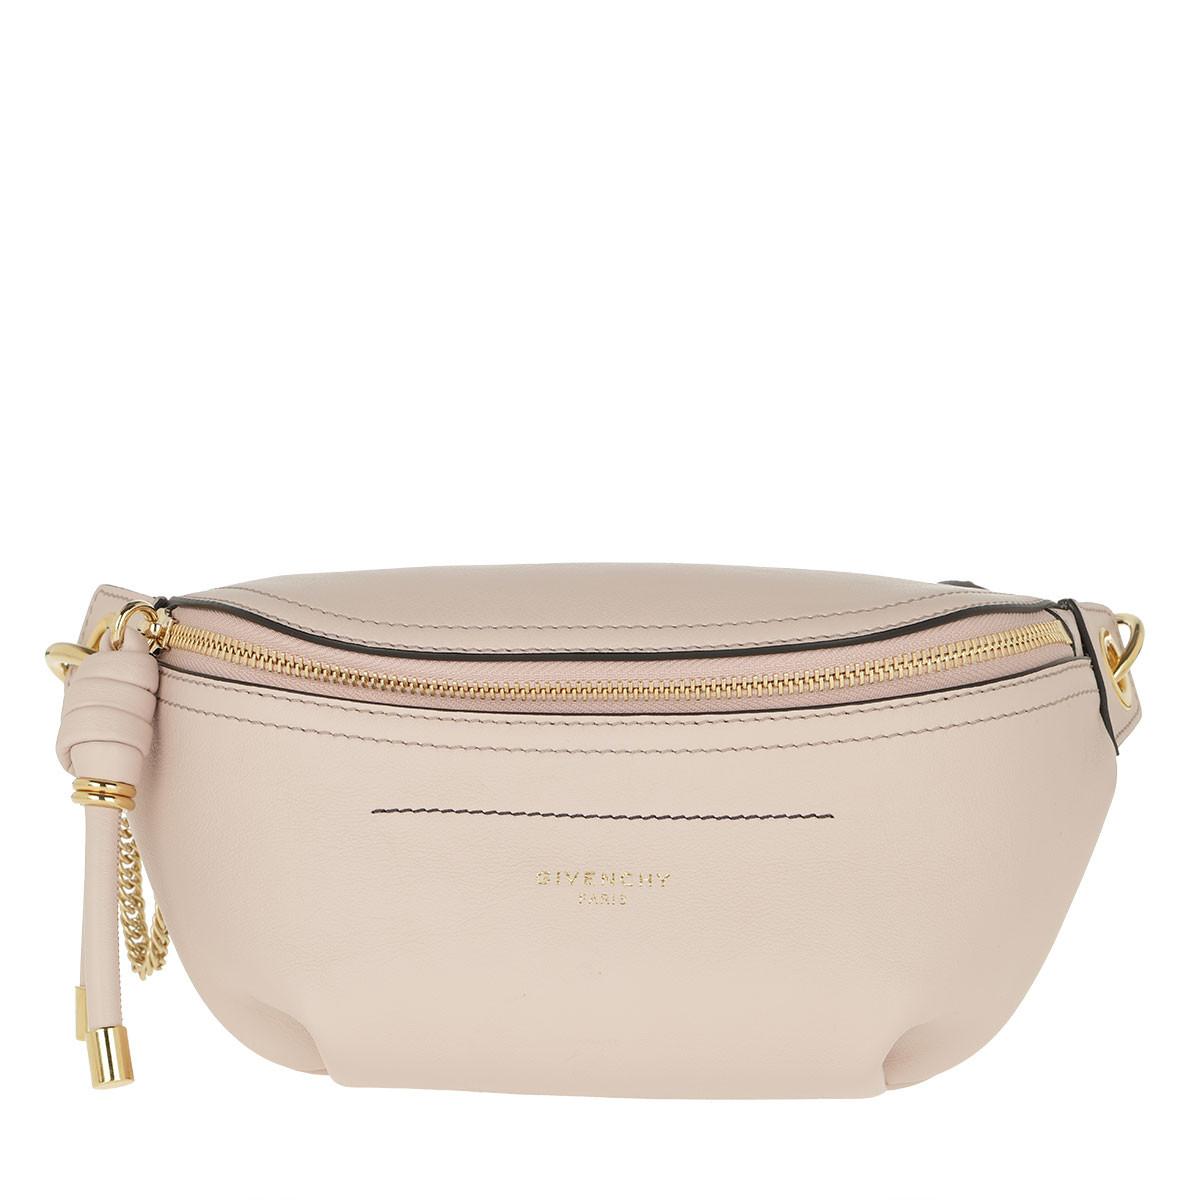 Givenchy Gürteltasche - Small Whip Bum Bag Leather Pale Pink - in rosa - für Damen